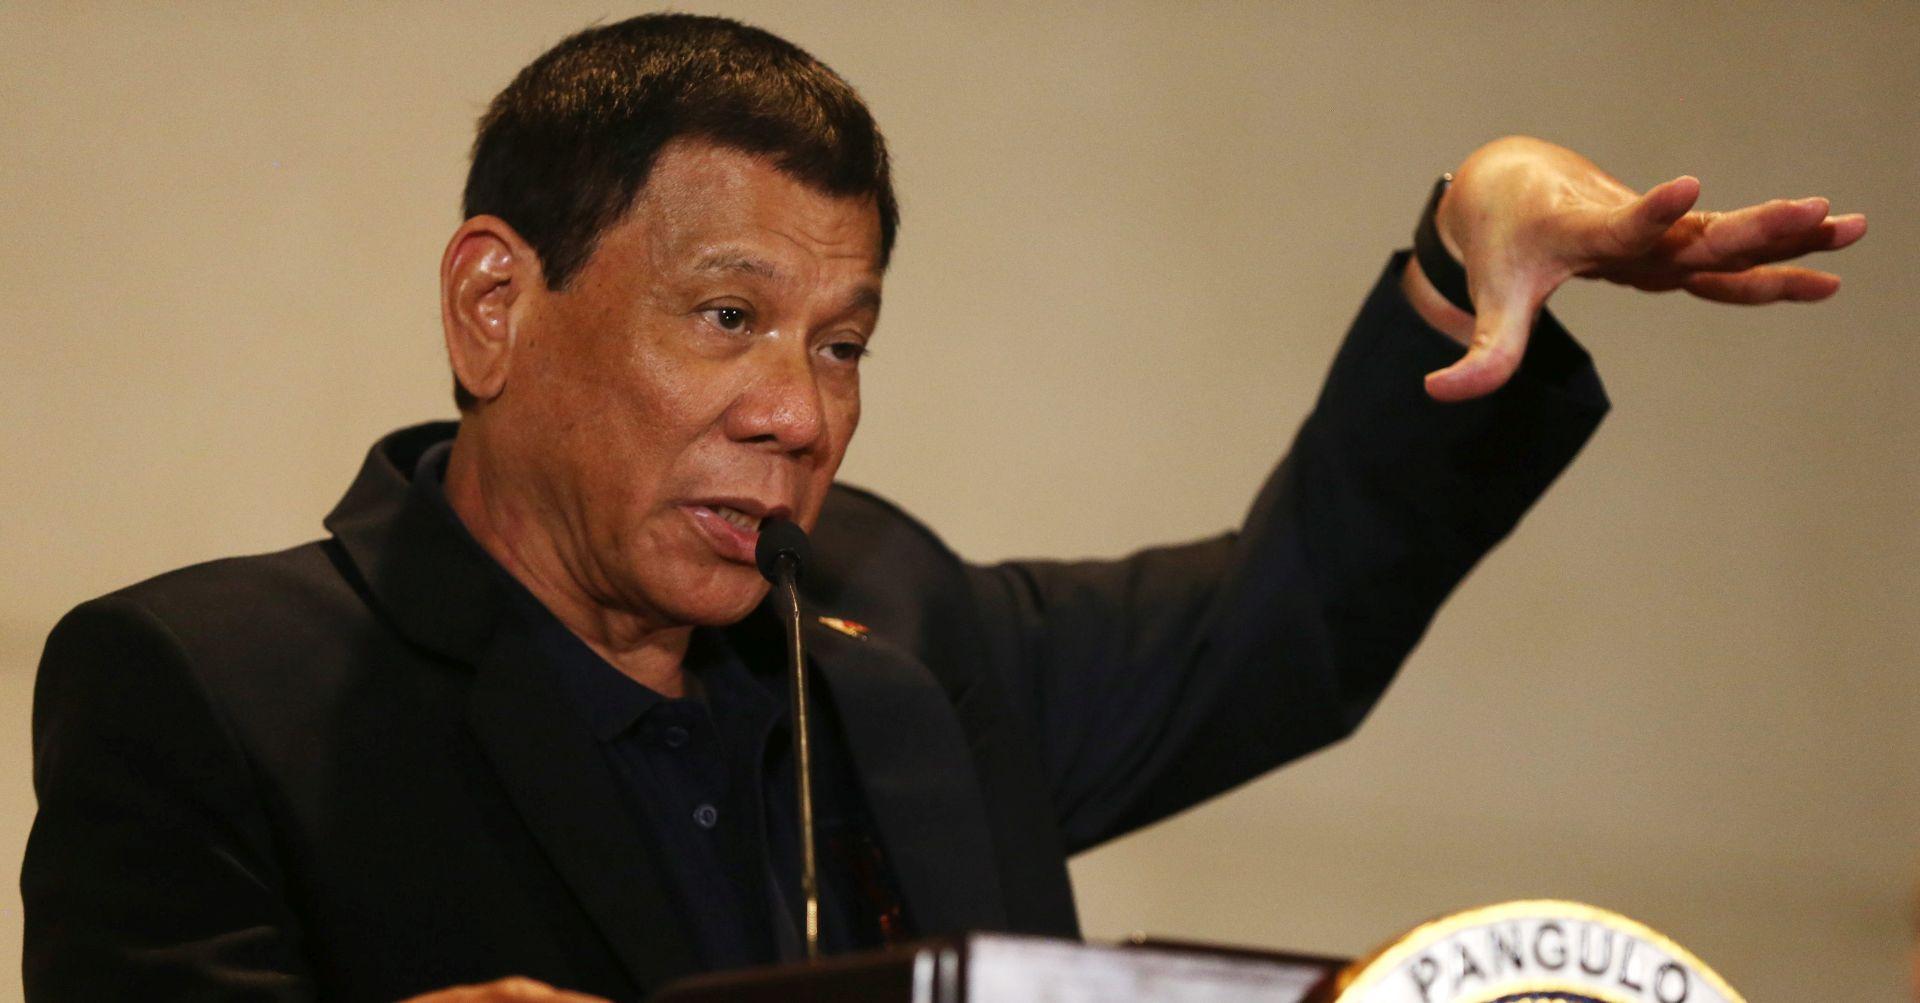 FILIPINSKI PREDSJEDNIK 'Bombardirat ću škole koje rade ilegalno i uče djecu da se bore protiv vlade'